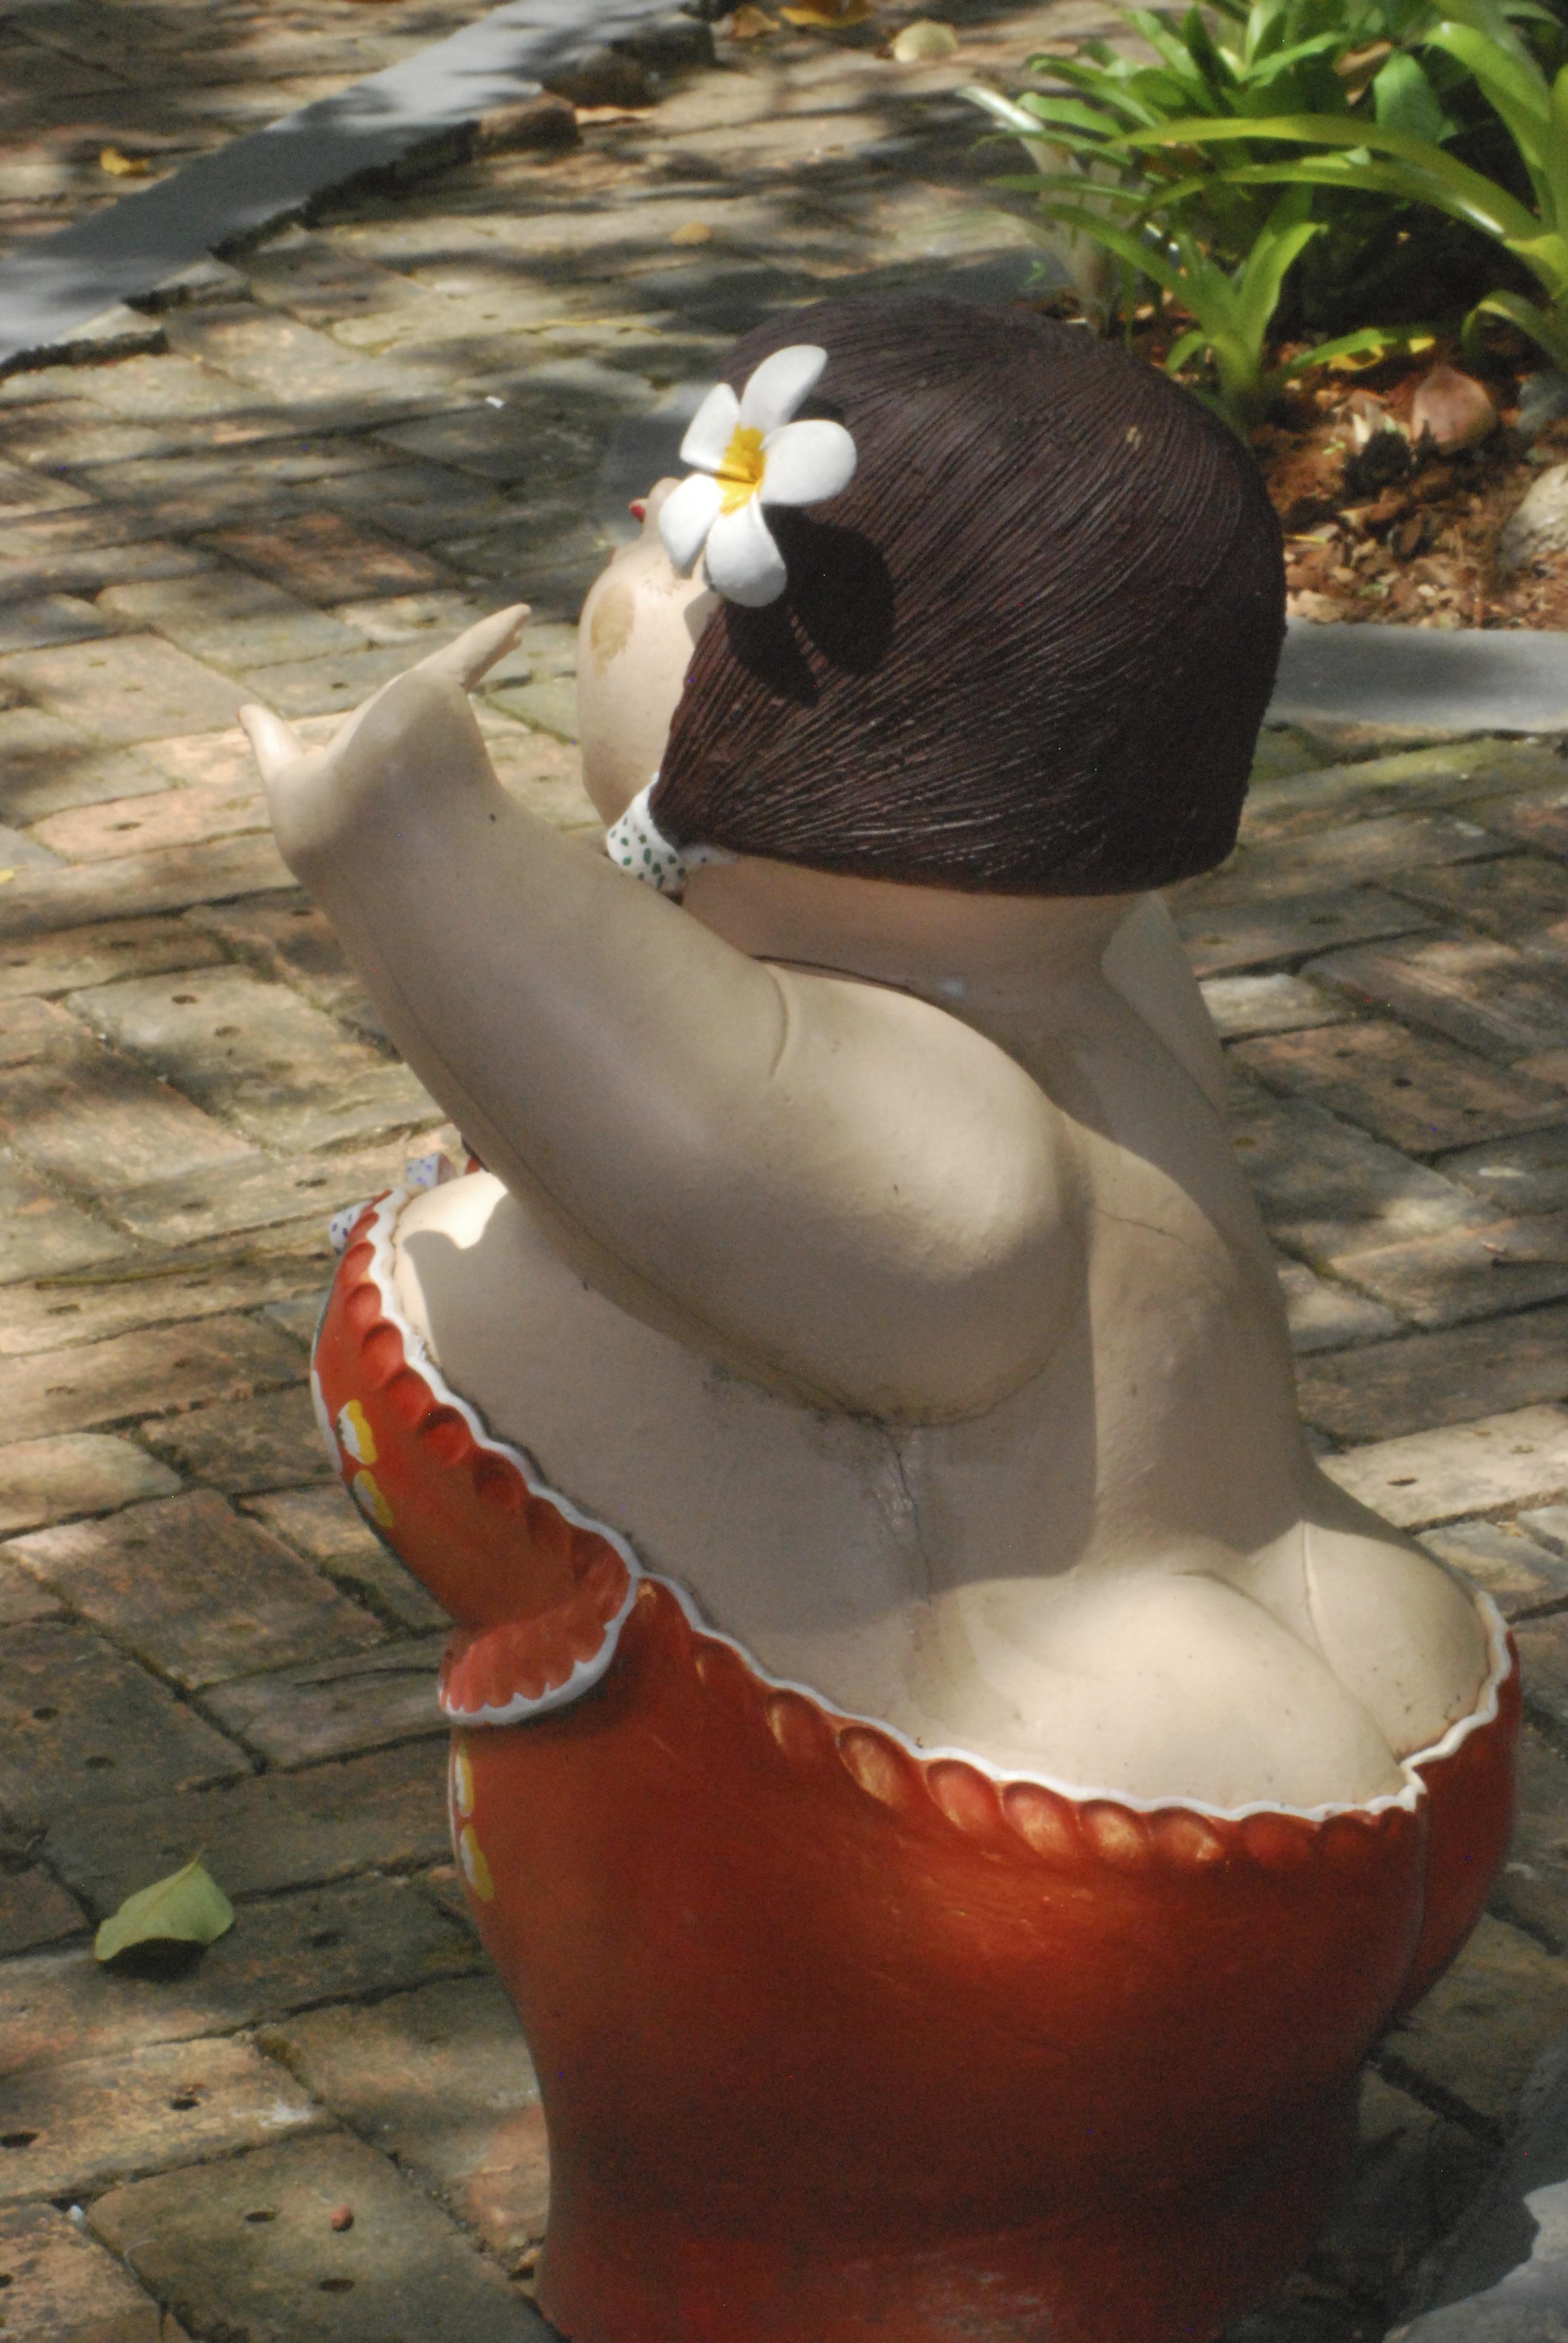 Brunette woman statue in Phuket Botanic Garden